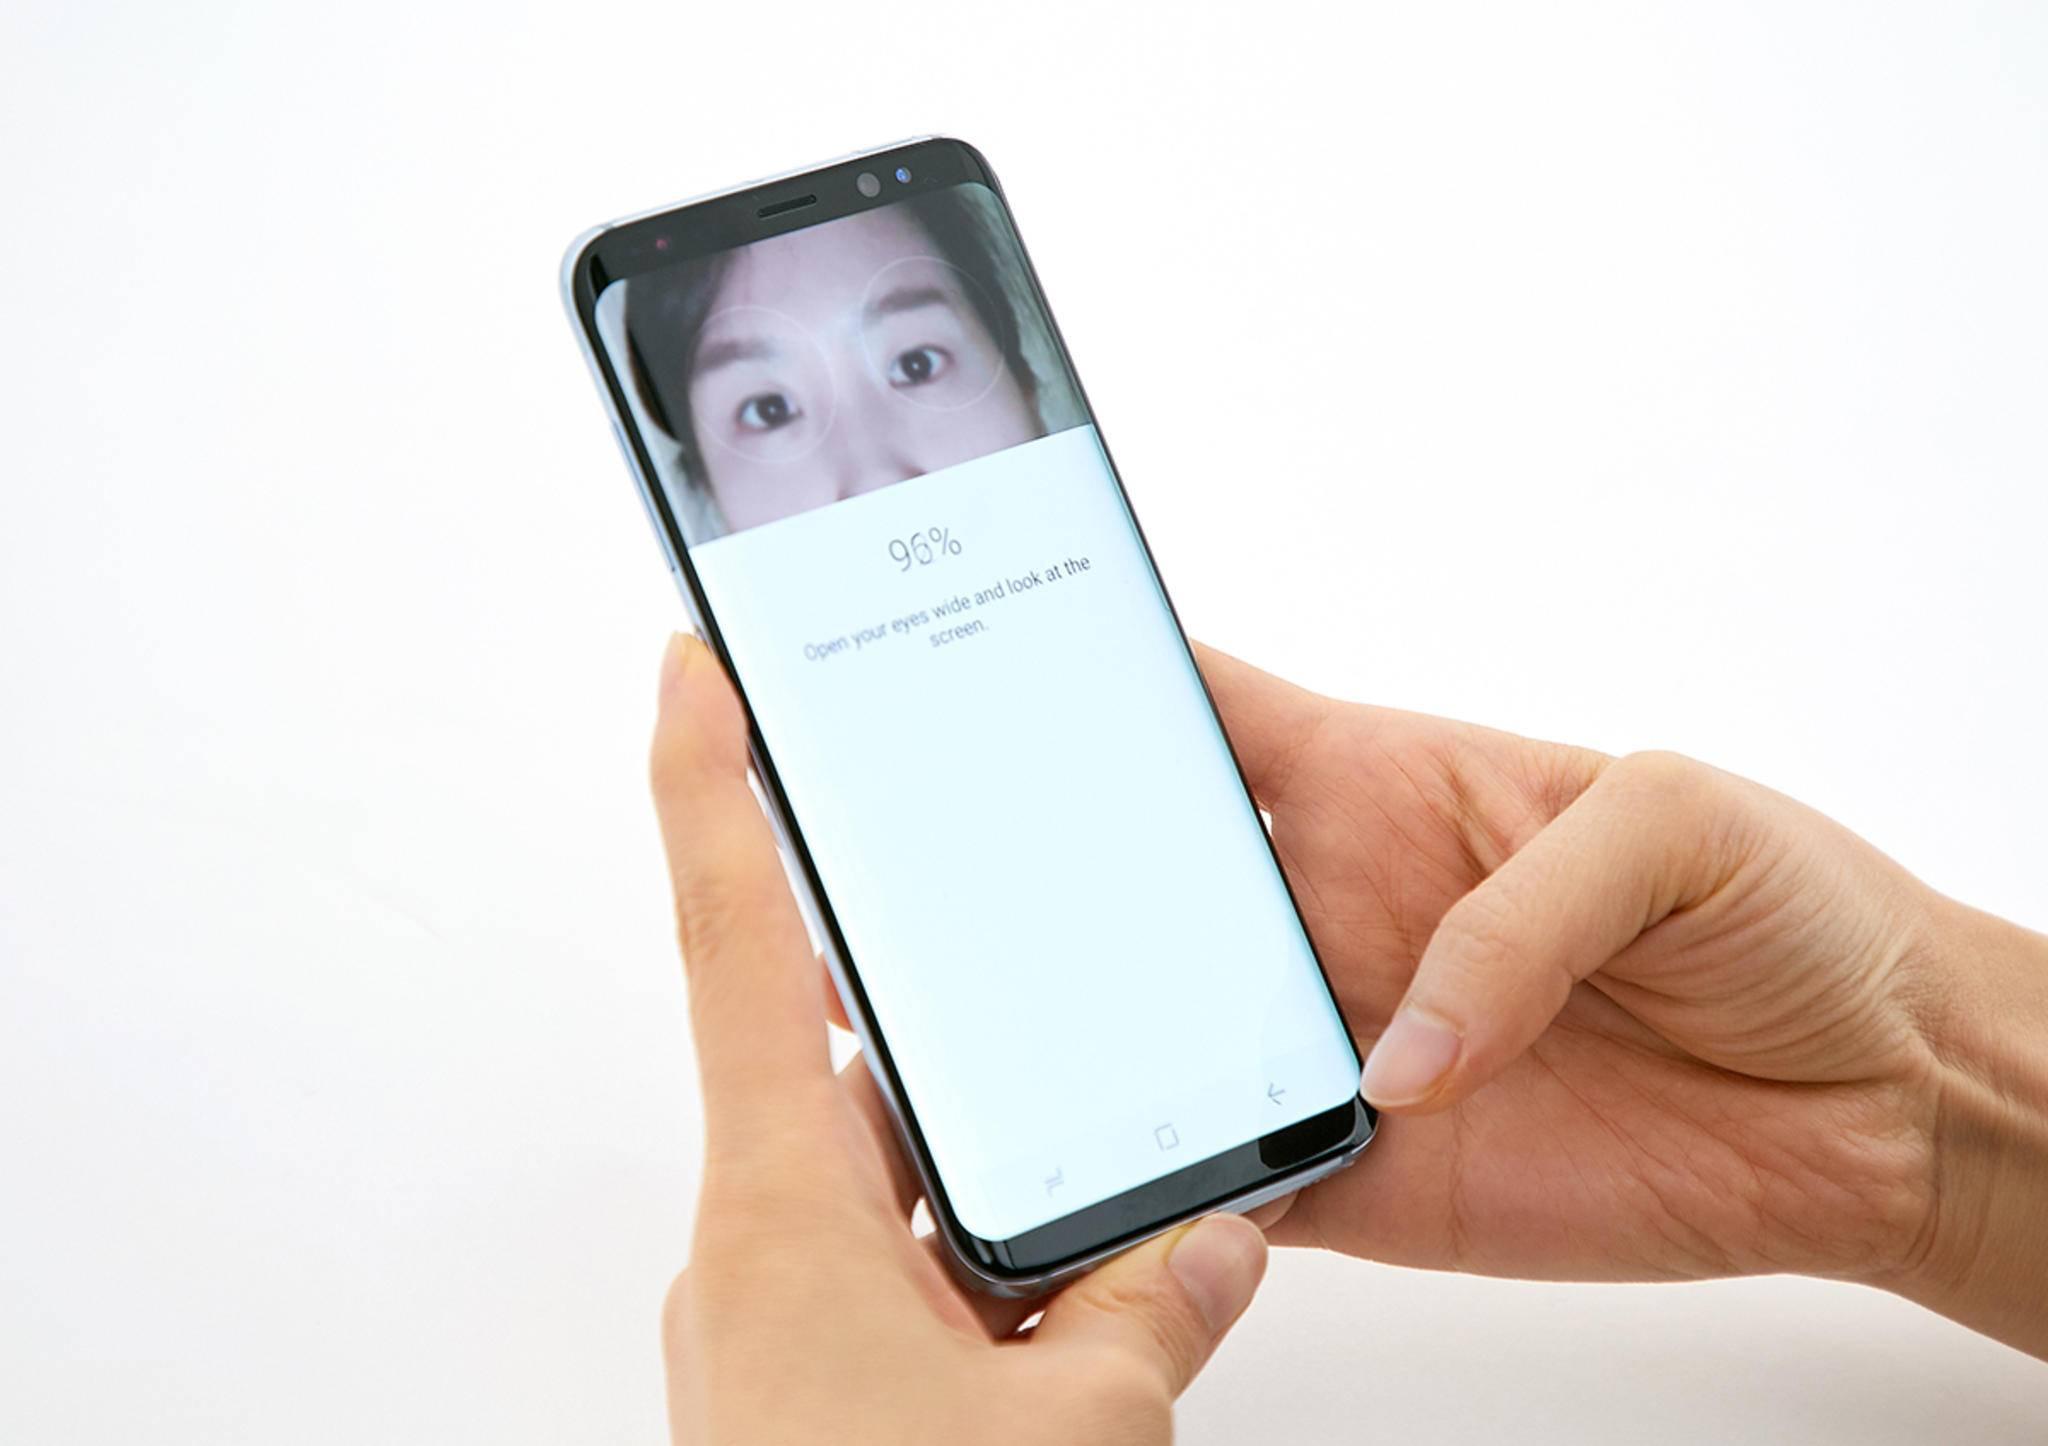 Das Galaxy S8 kann mit der Iris entsperrt werden.